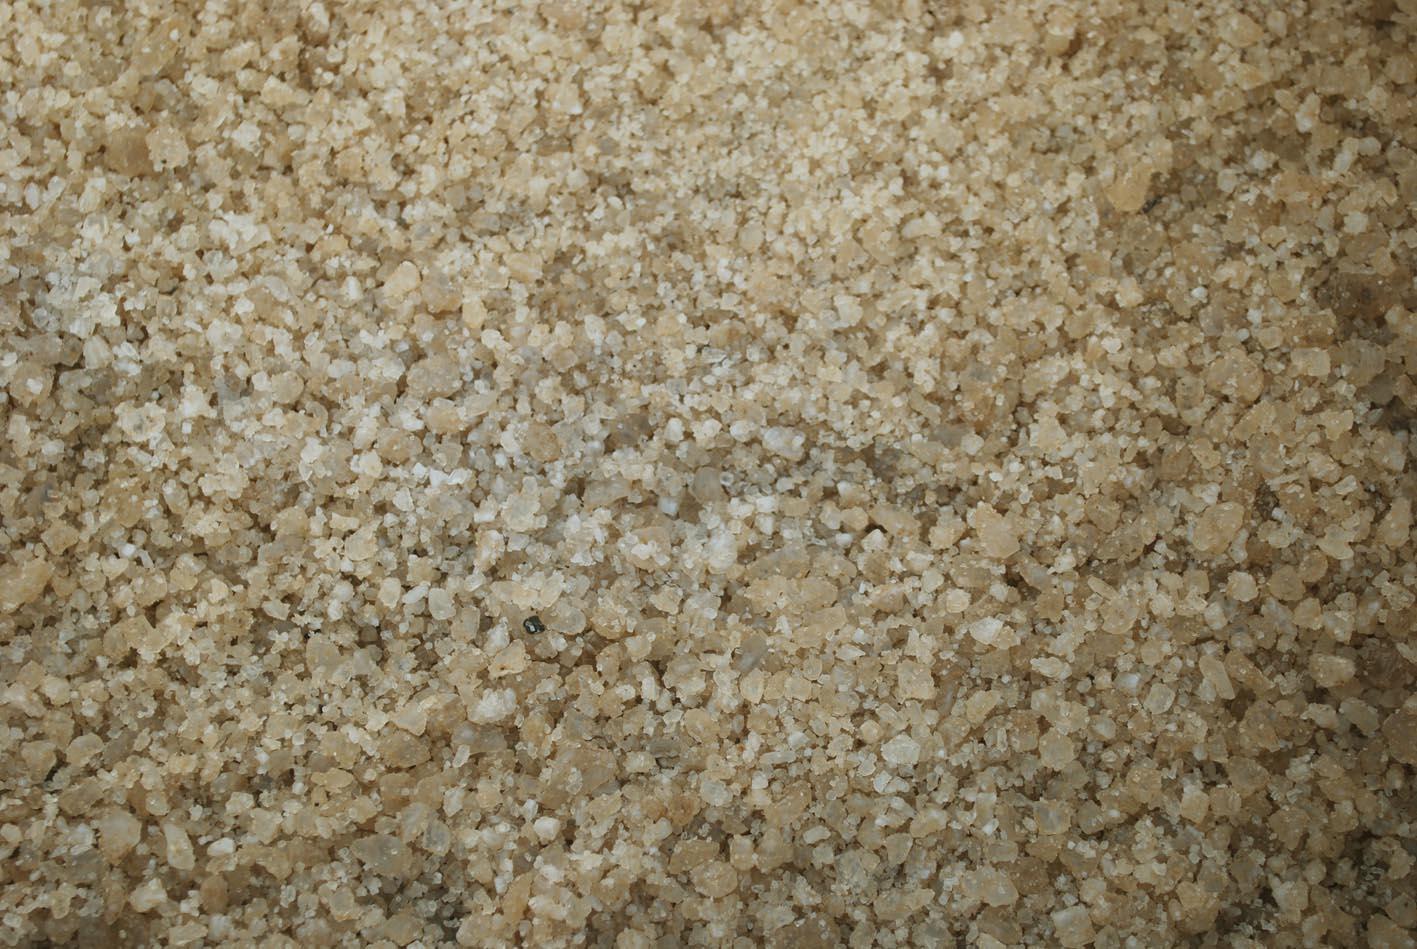 купить пескосоляную смесь (пескосоль) в спб